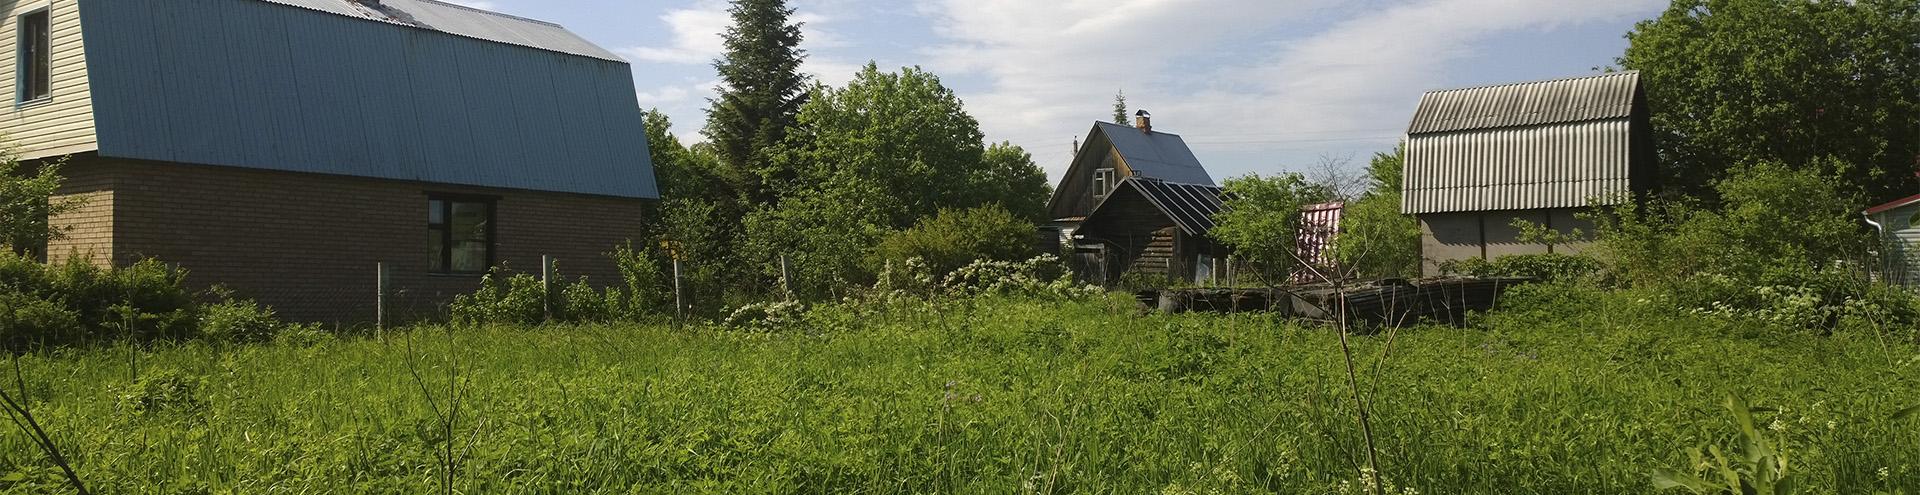 Перевод категории земель в Нижнем Новгороде и Нижегородской области